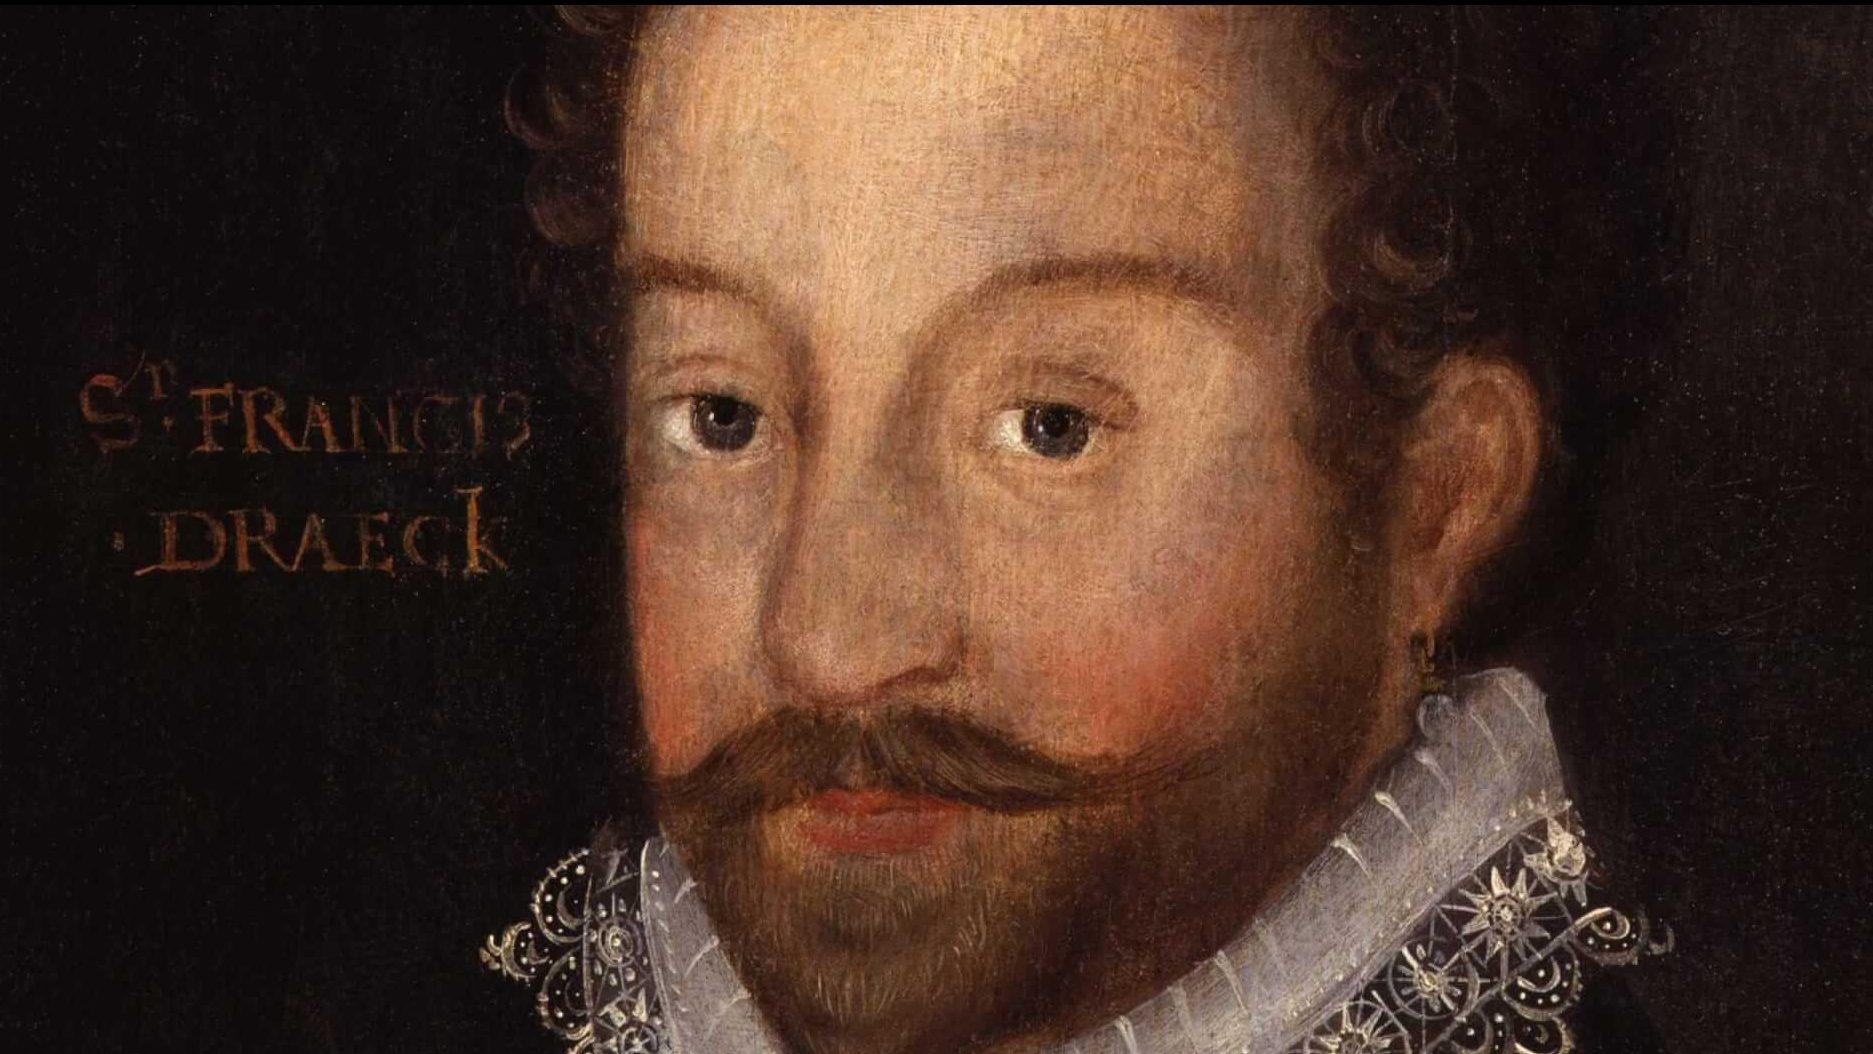 Sir_Francis_Drake